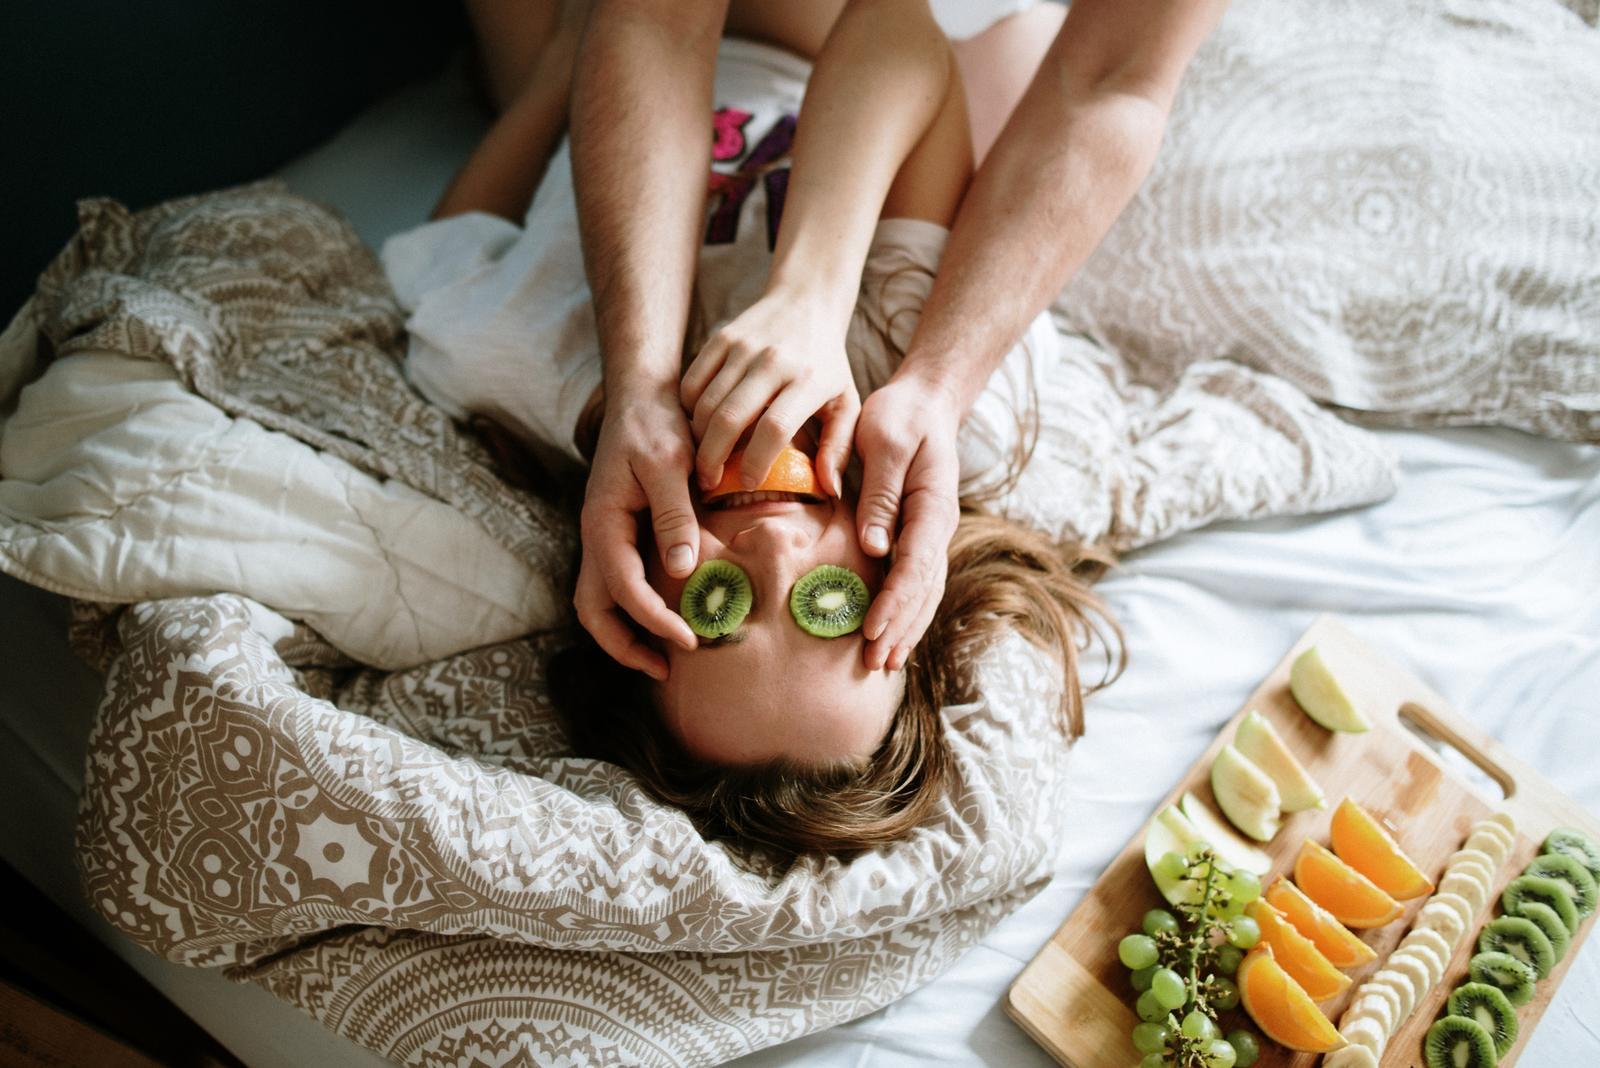 Jak udělat malou svatbu jen o dvou lidech? - Obrázek č. 6